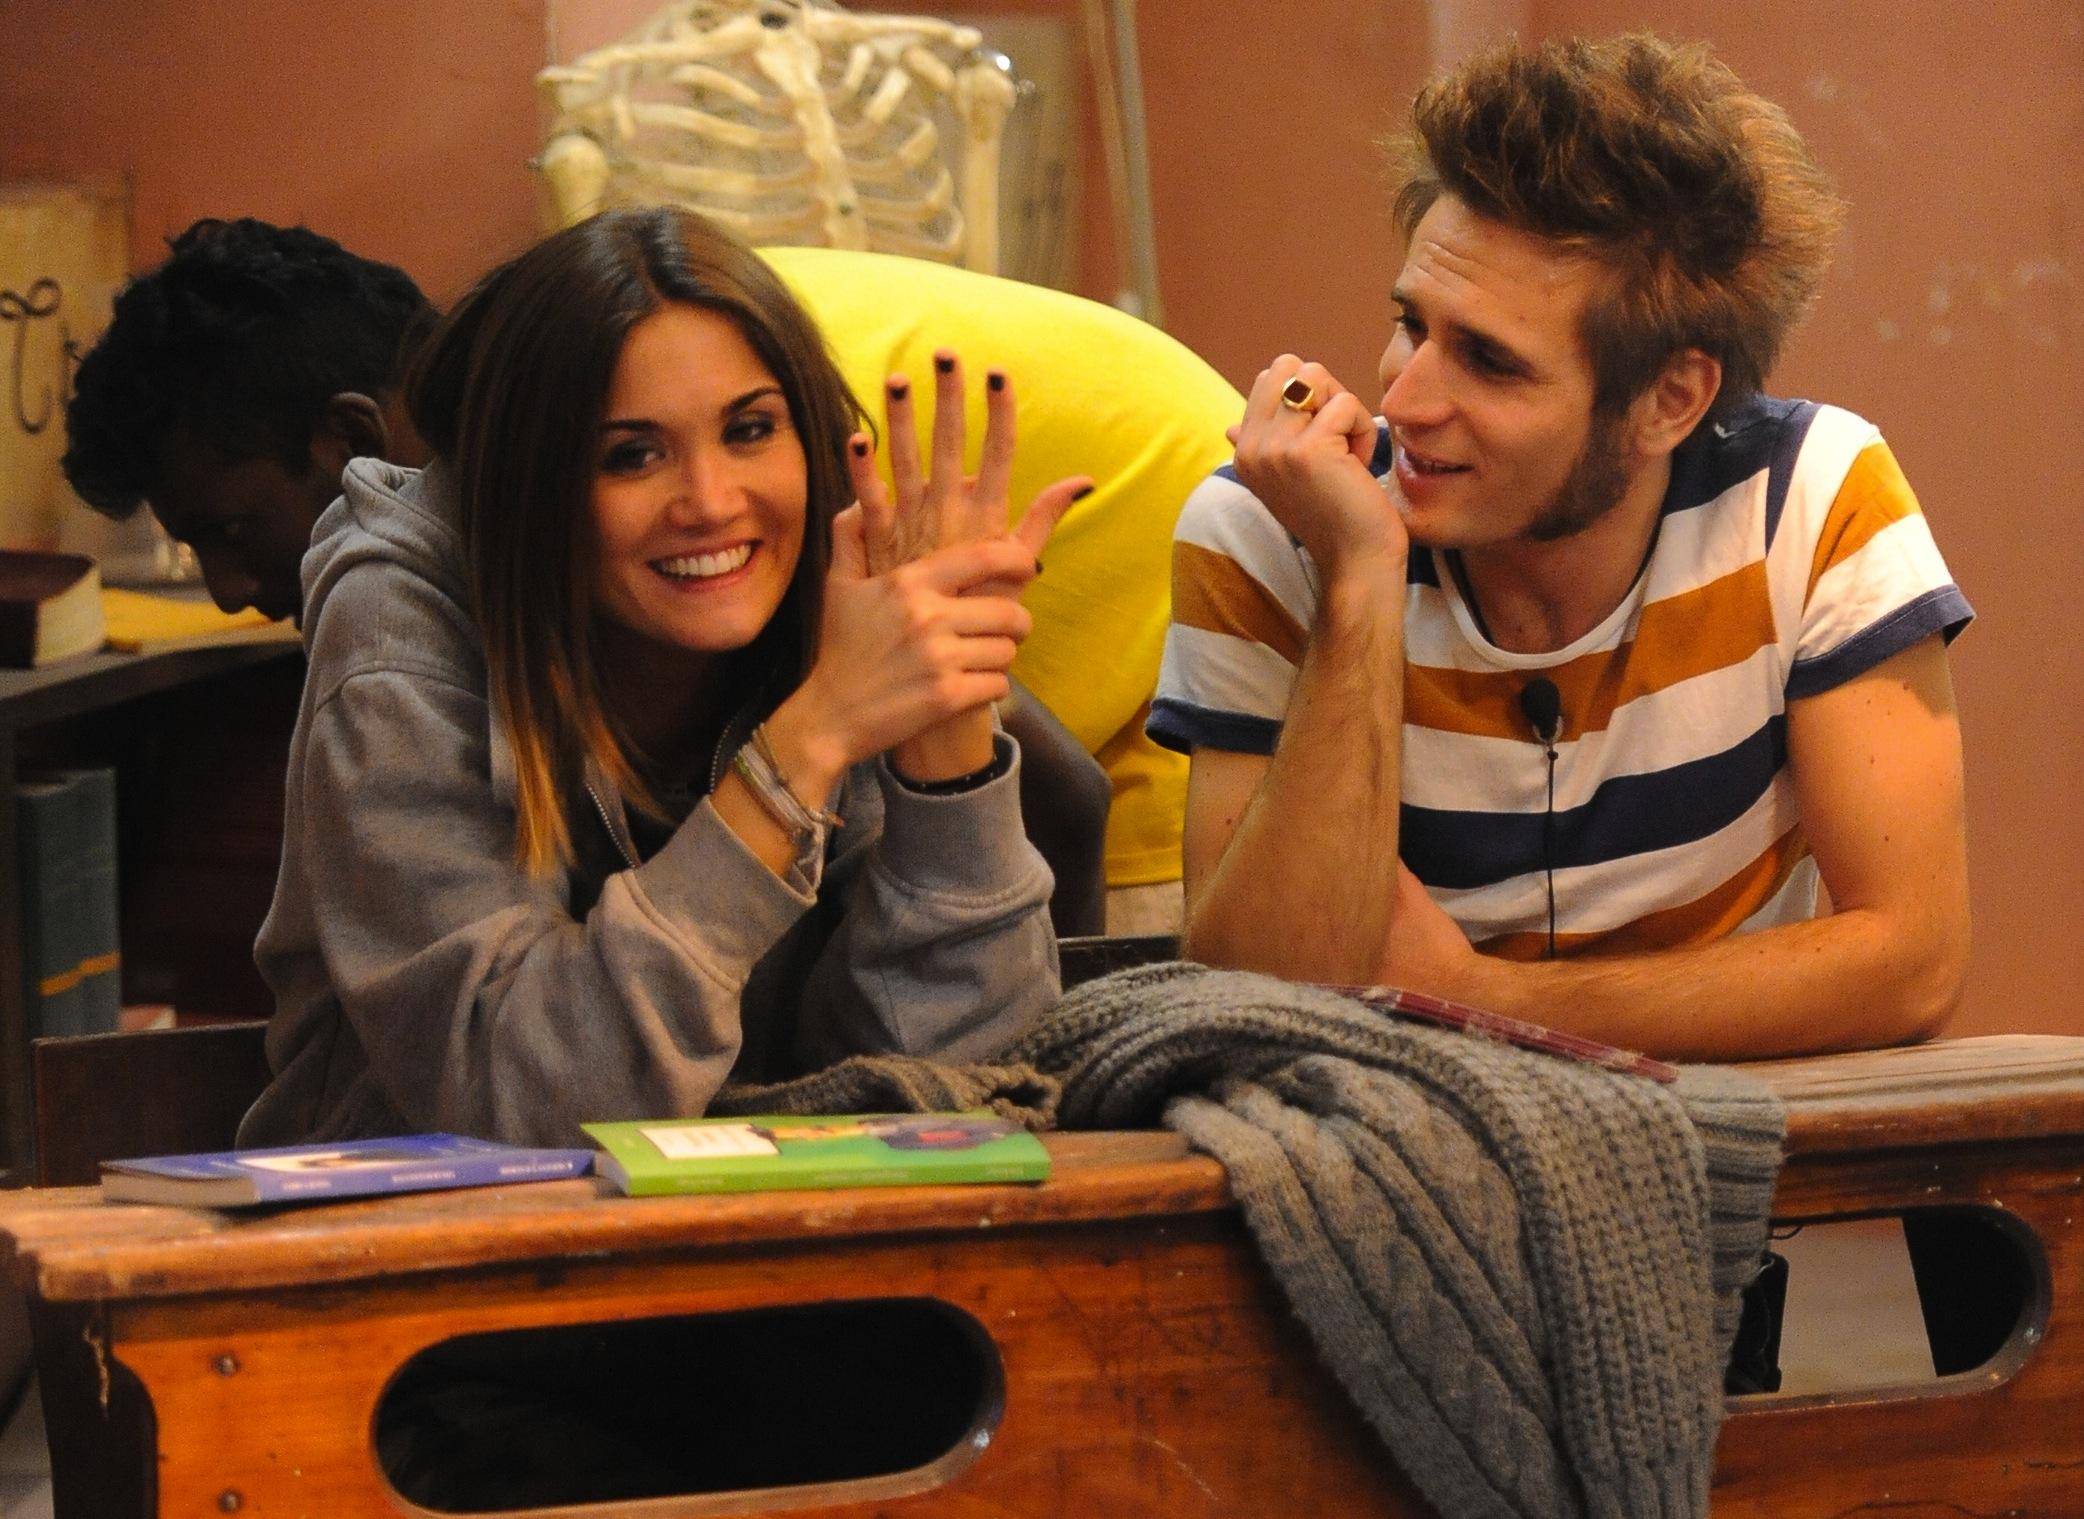 Grande Fratello 12, nasce l'amore fra Armando e Caterina?